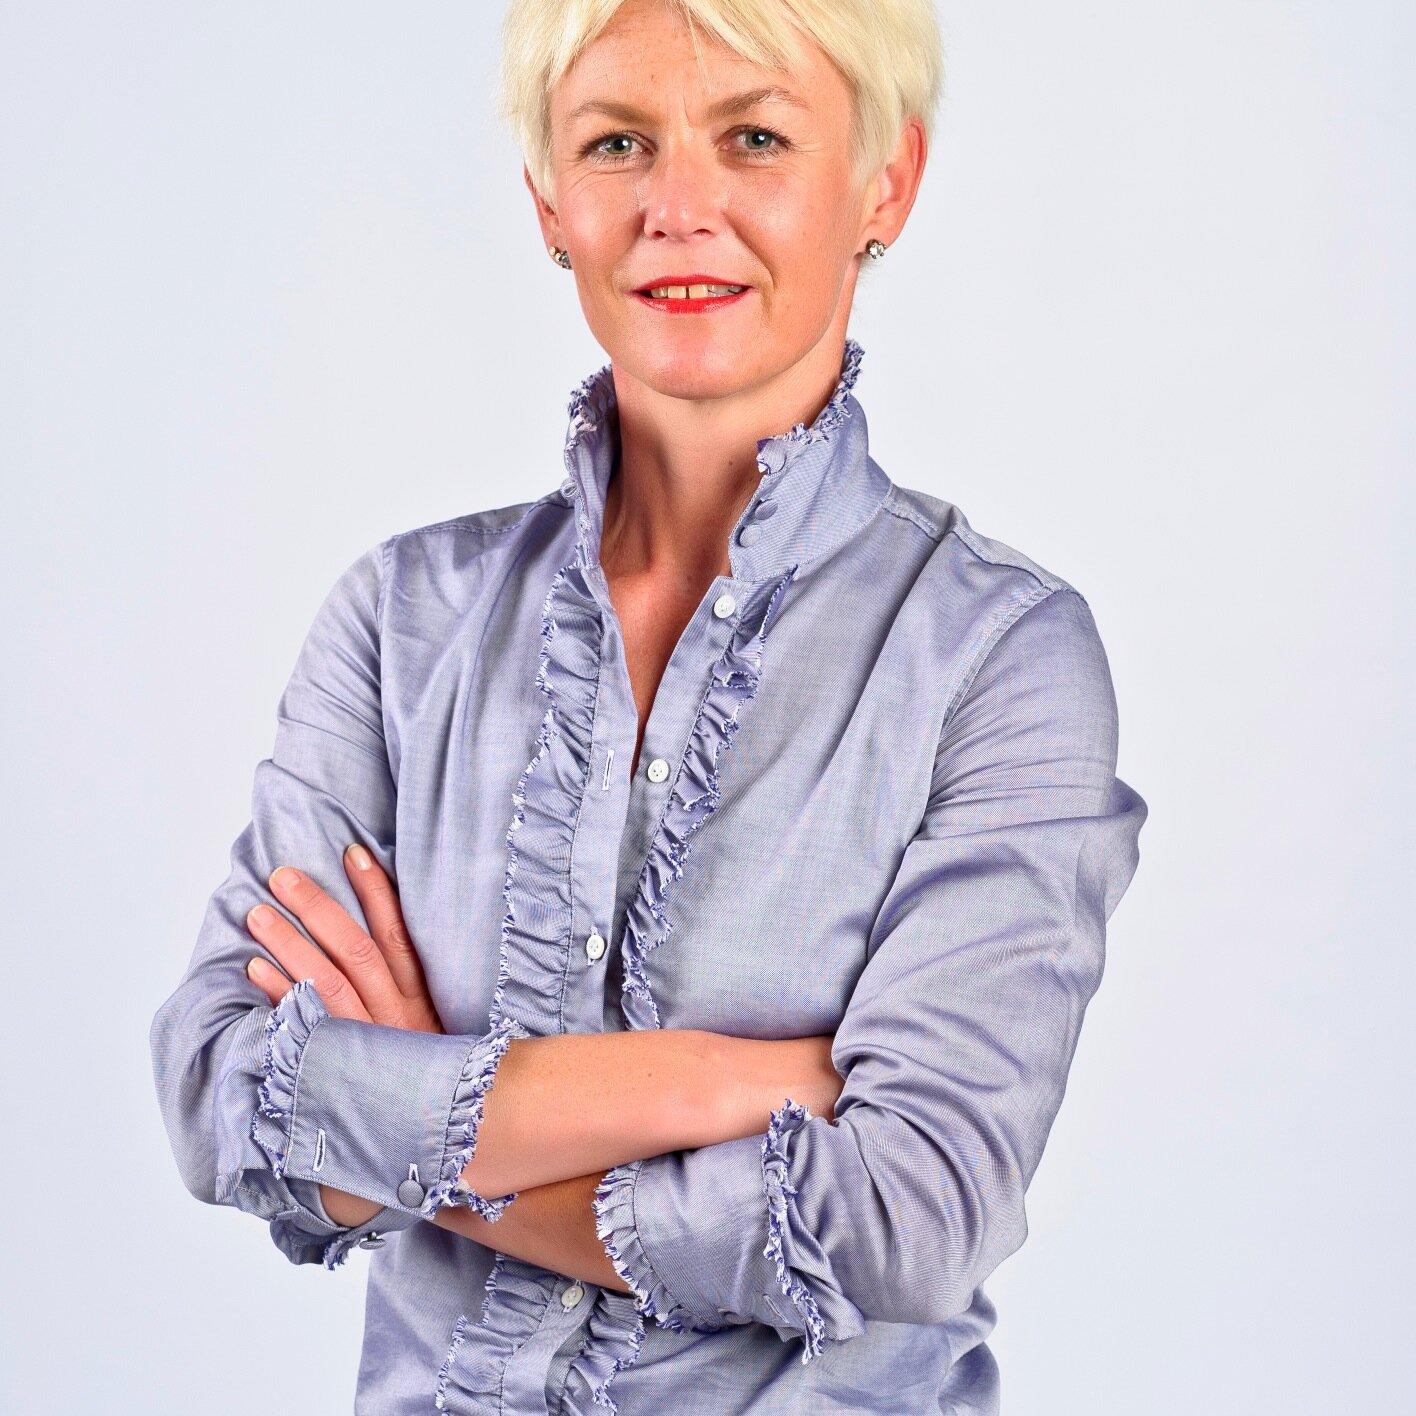 Andrea klausberger die partnervermittlung mit herz